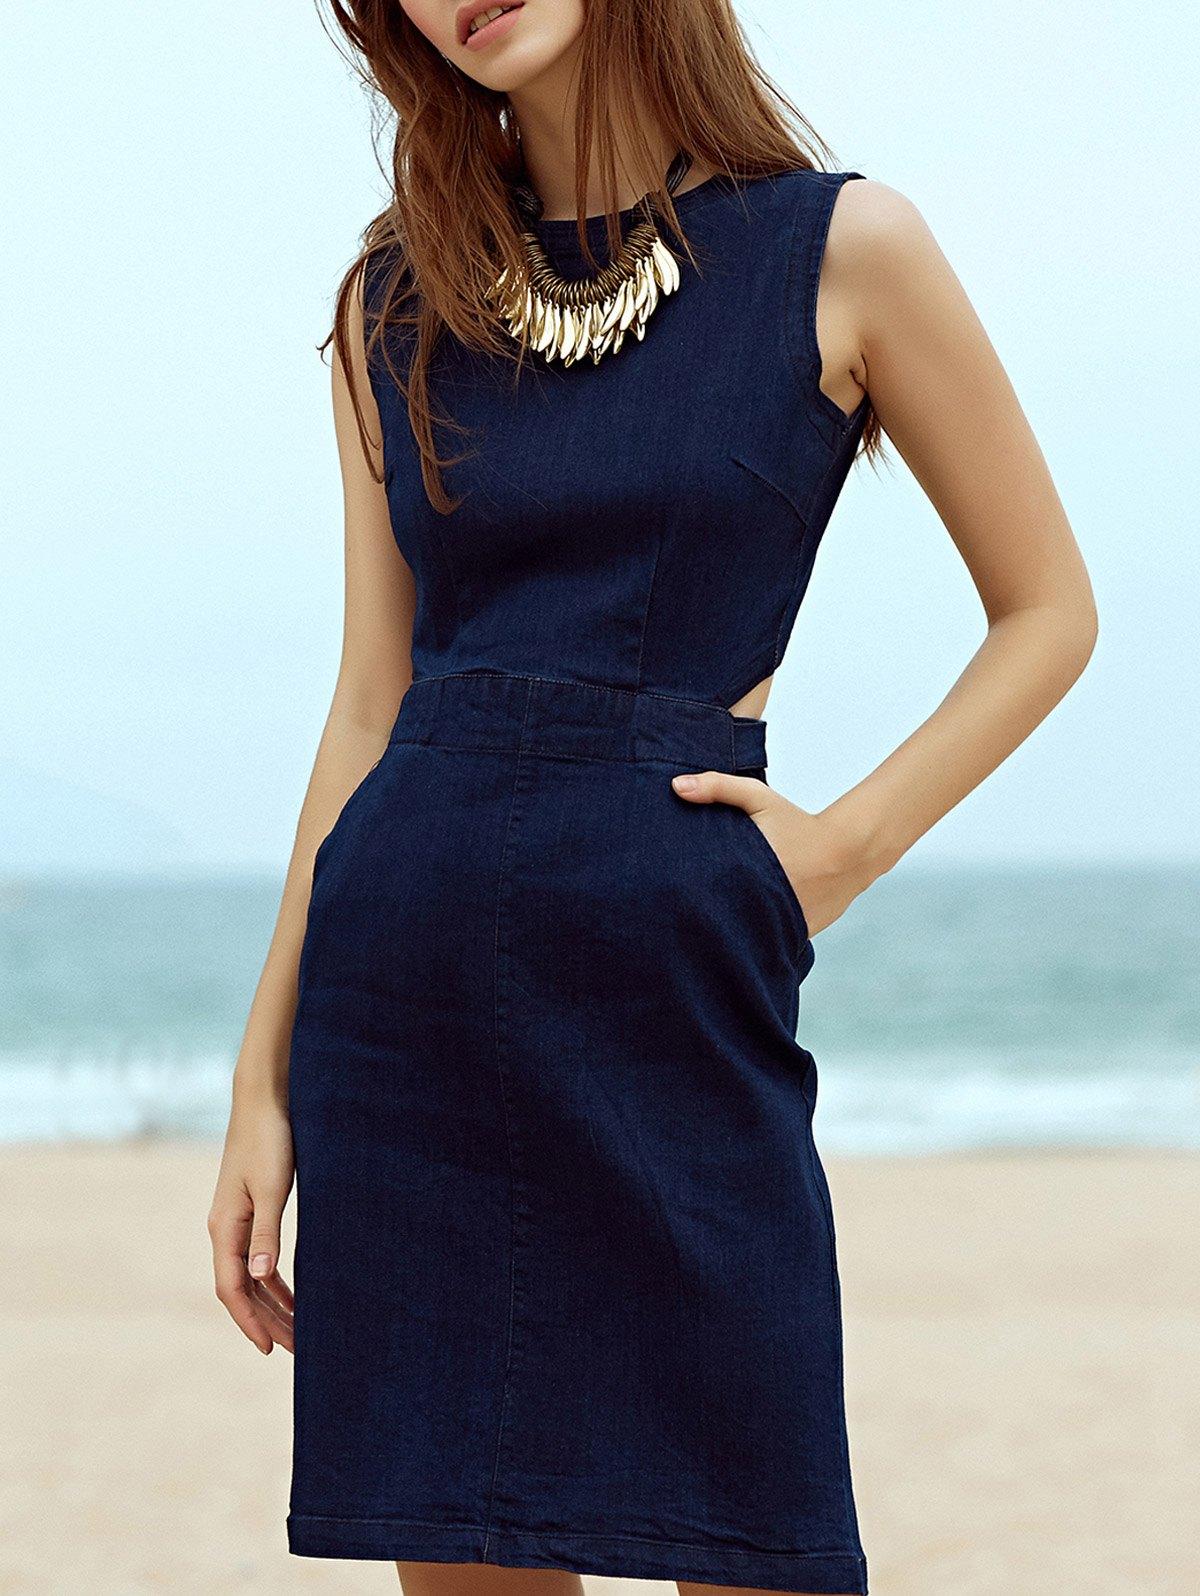 Round Neck Sleeveless Blue Denim Cut Out Dress